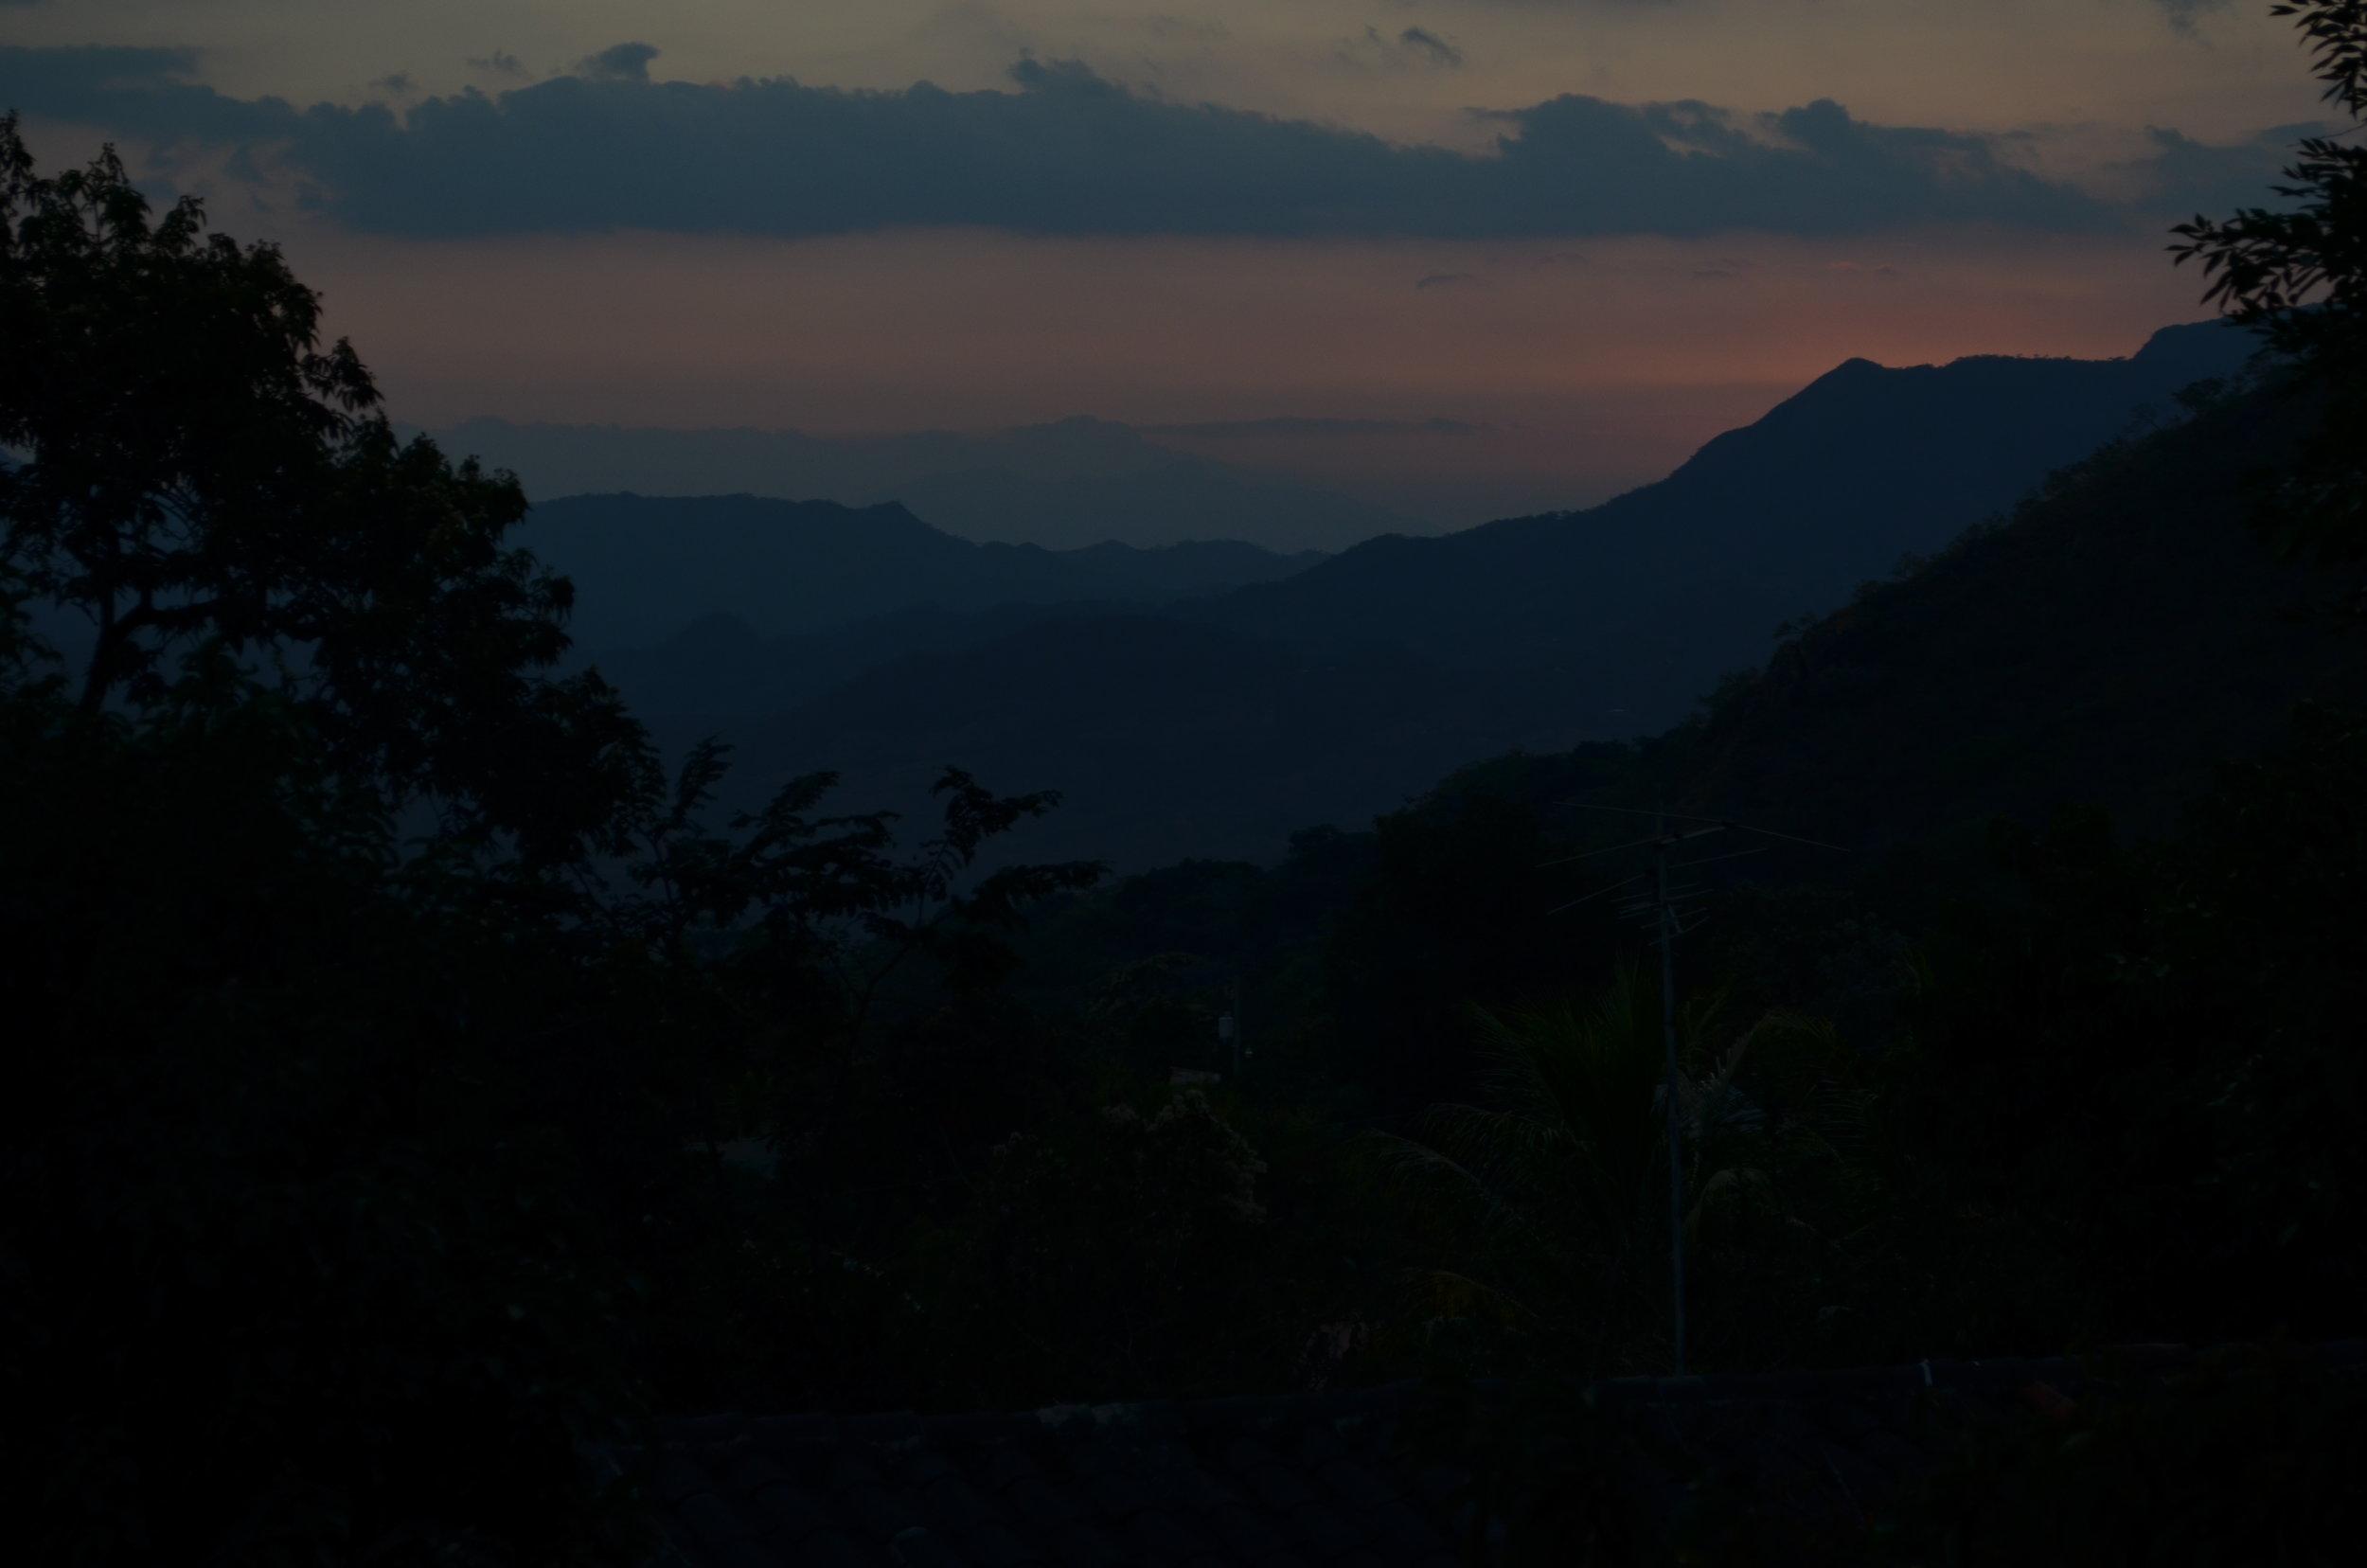 El sol se pone sobre las montañas de Arcatao. Foto por Dalton Anthony.